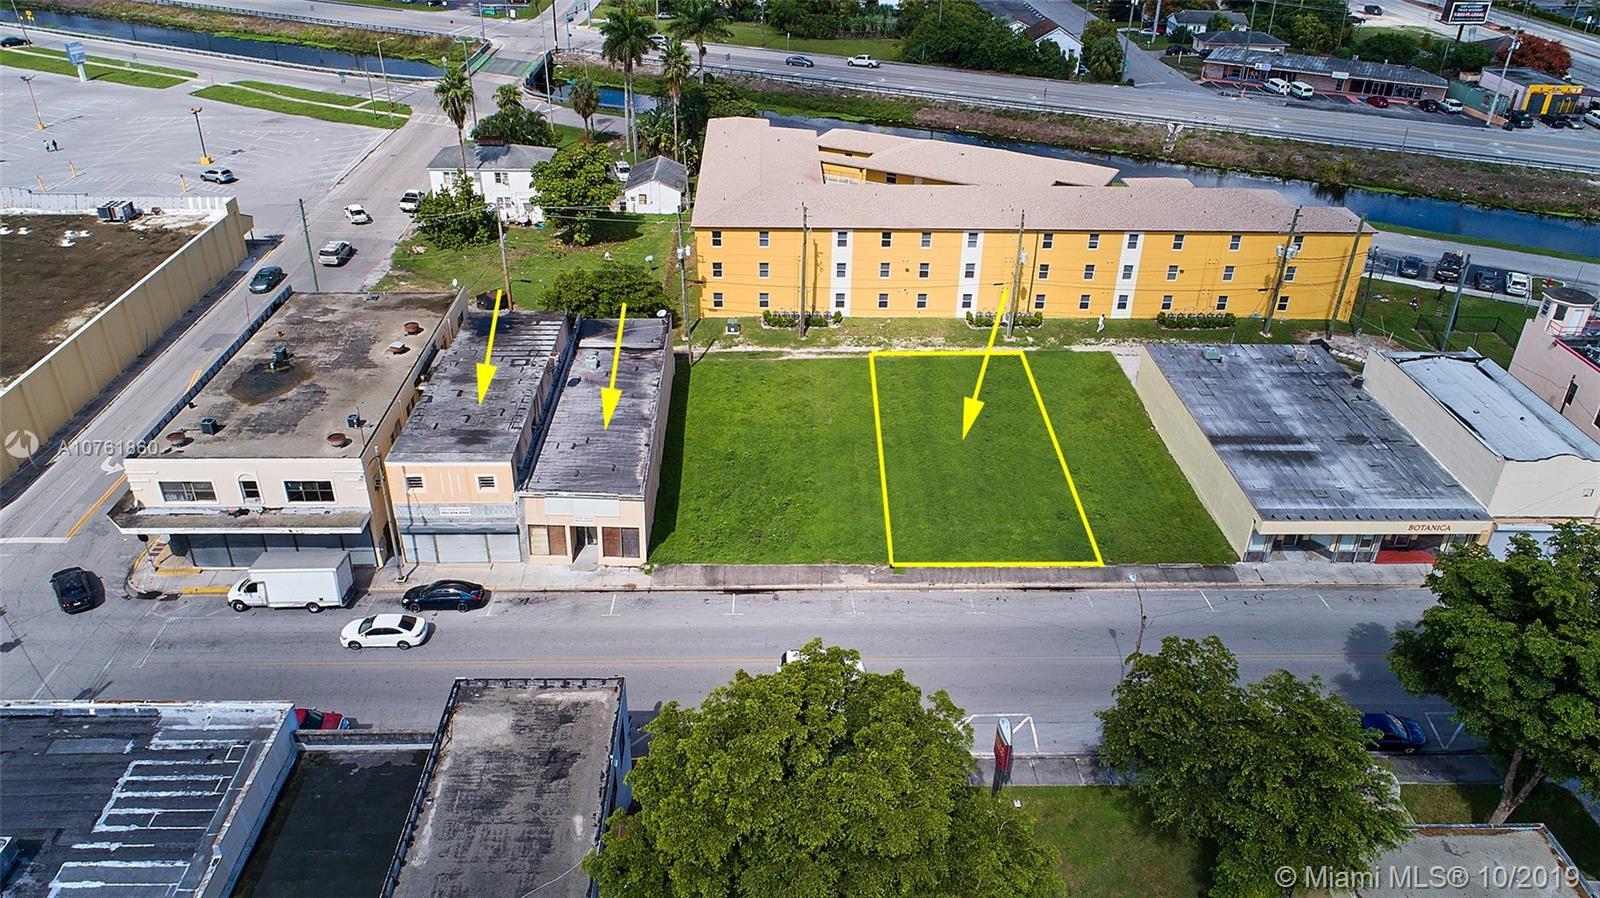 0 W Avenue A Ave, Belle Glade, FL 33430 - Belle Glade, FL real estate listing